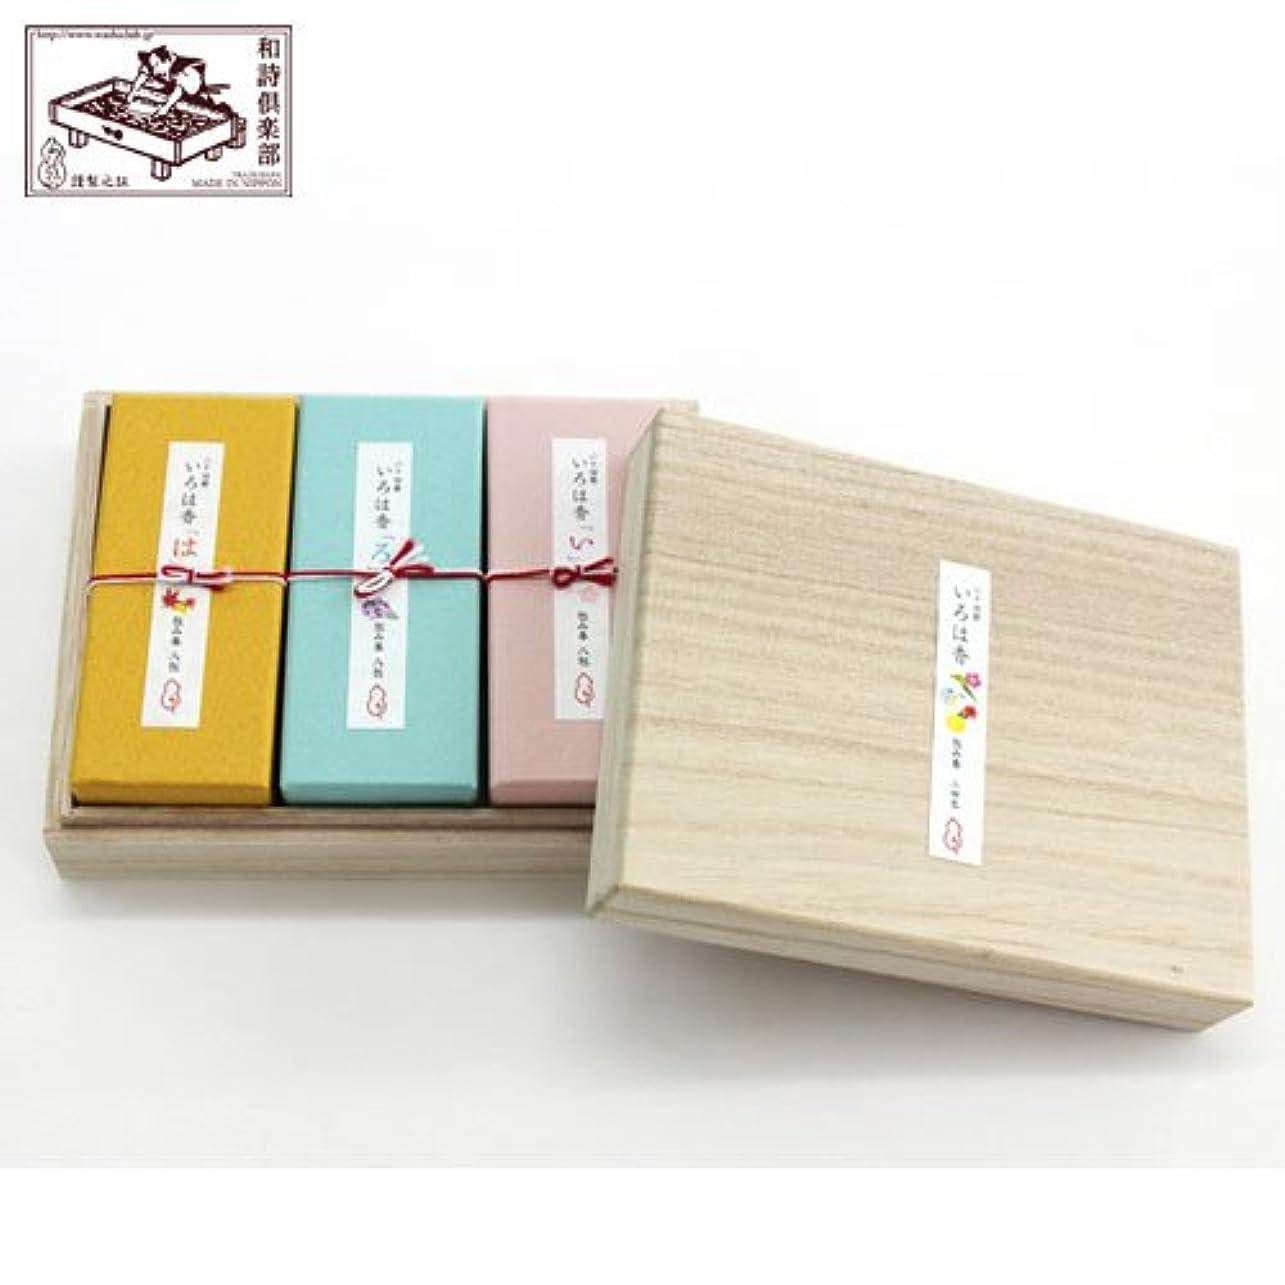 ミッション盆地月曜日文香包み香セットいろは香二十四節気 (TT-001)和詩倶楽部